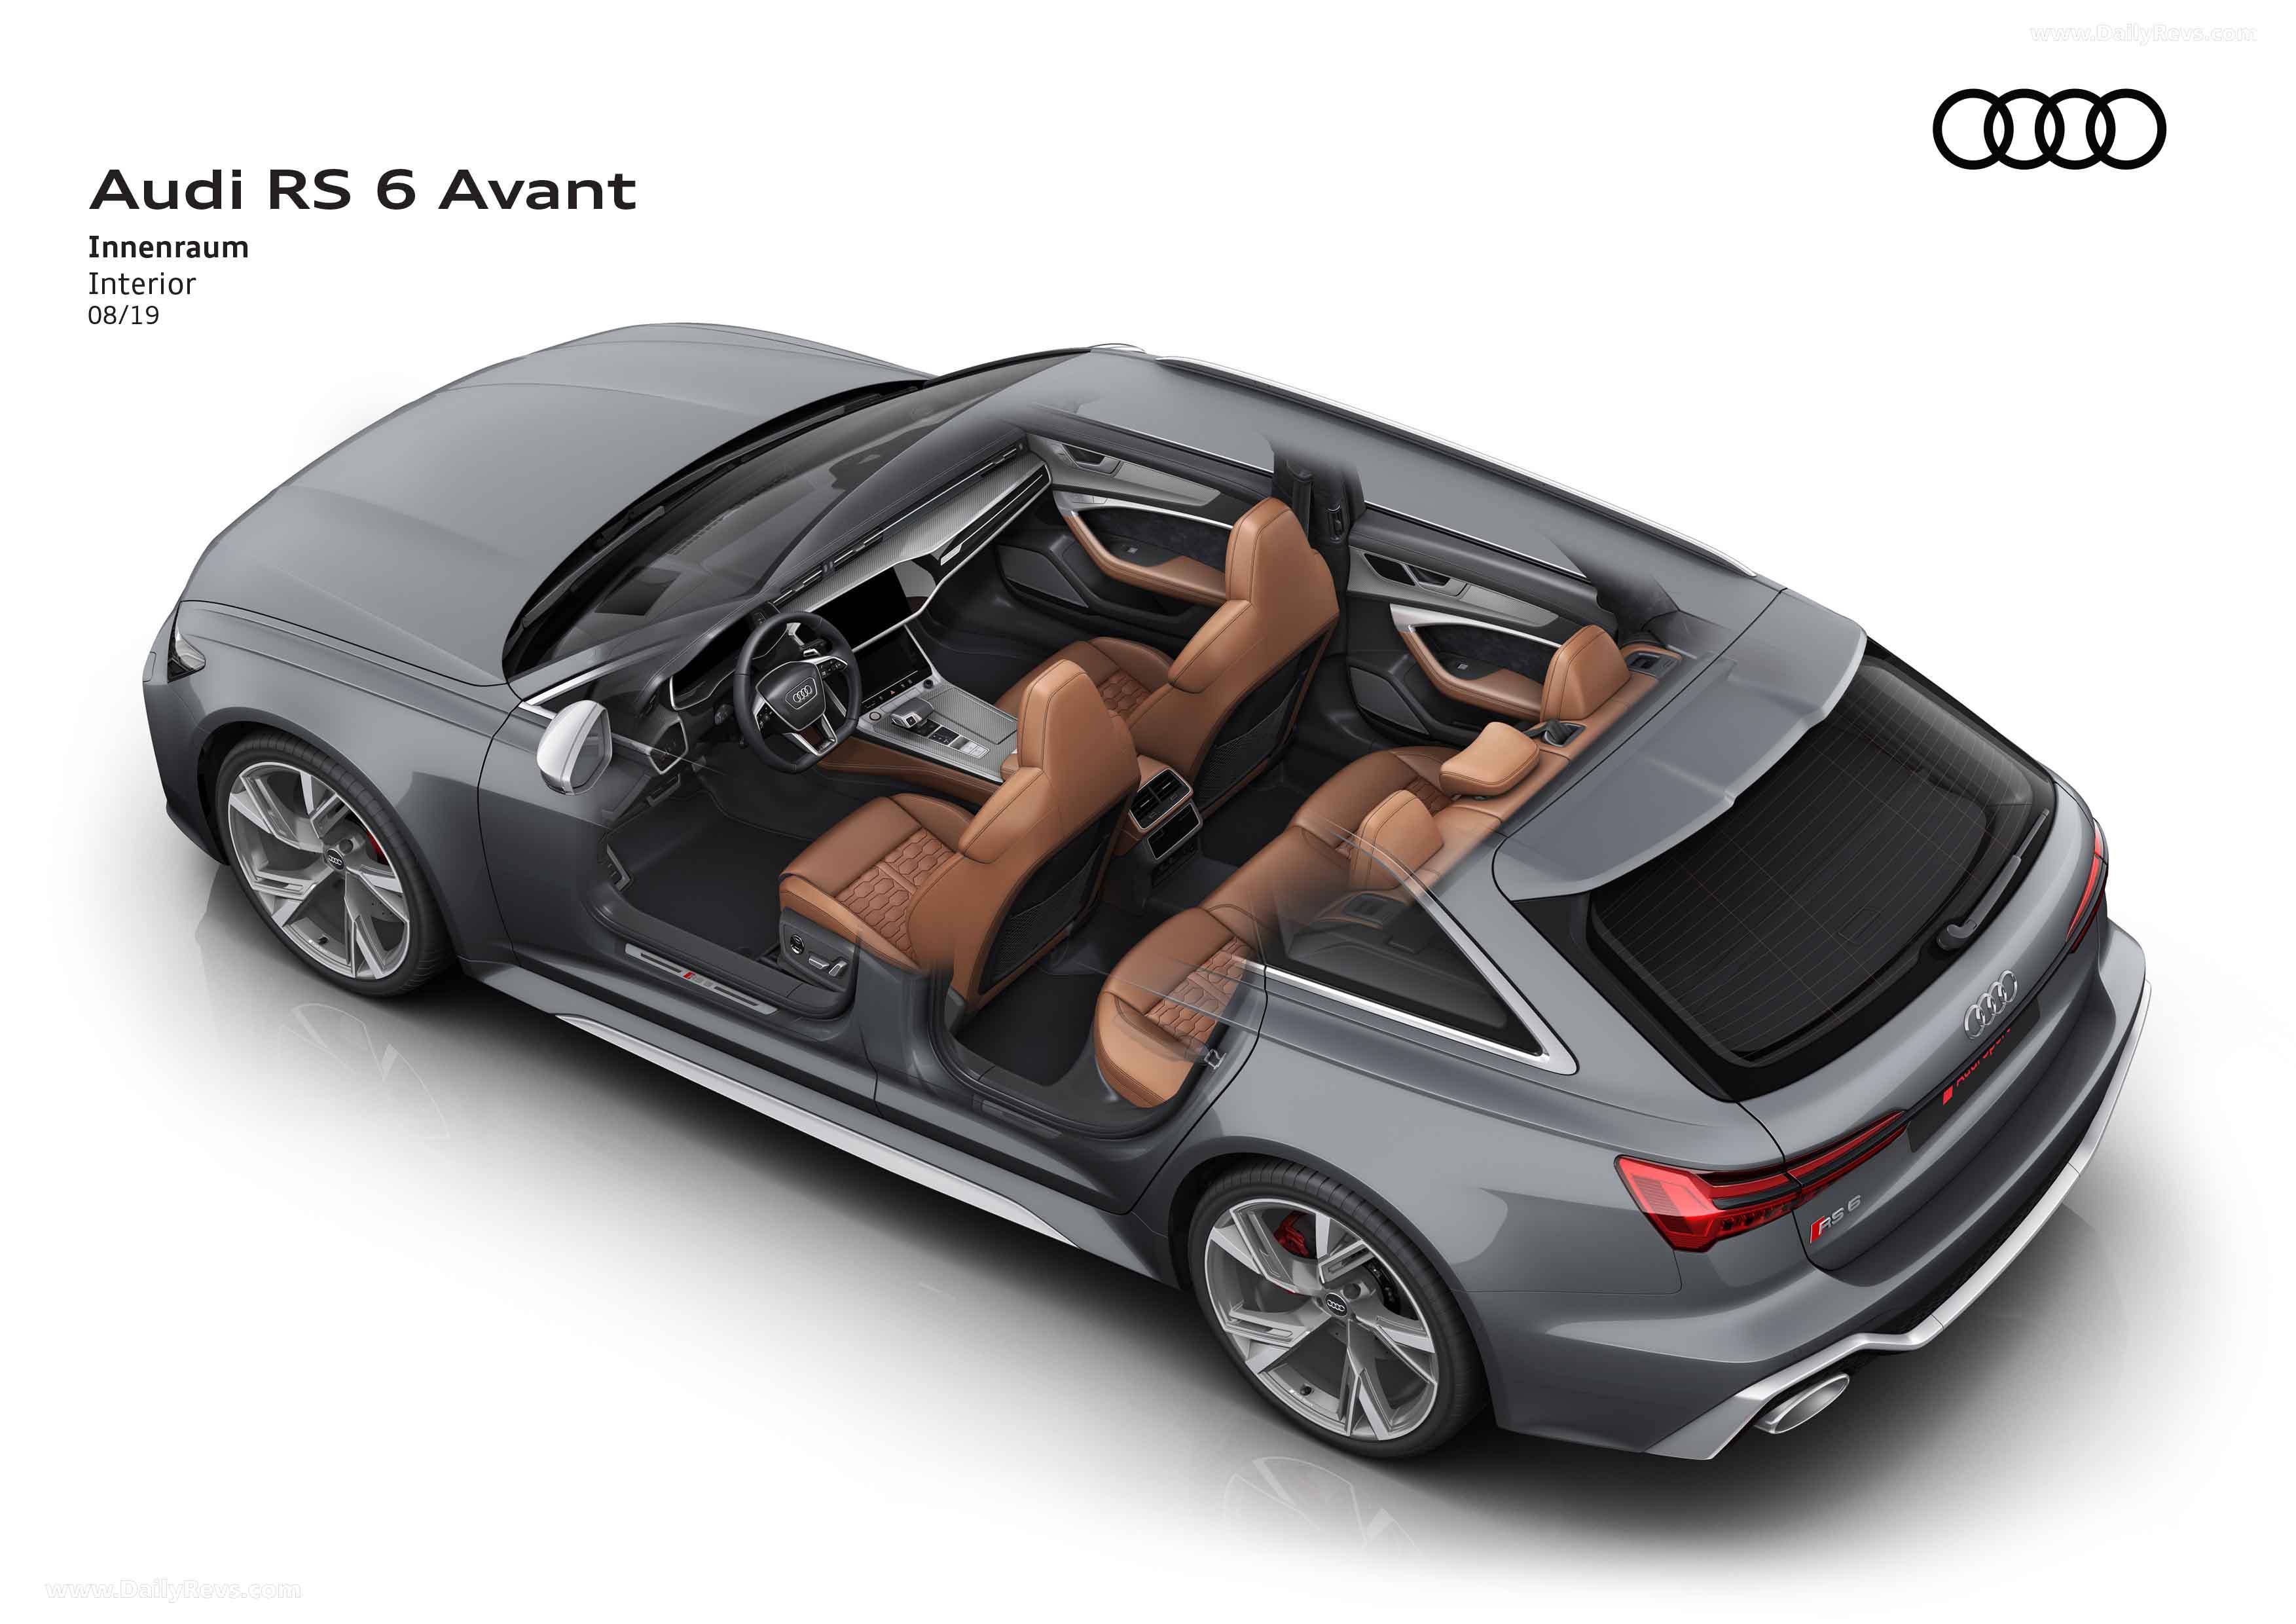 2020 Audi RS6 Avant full